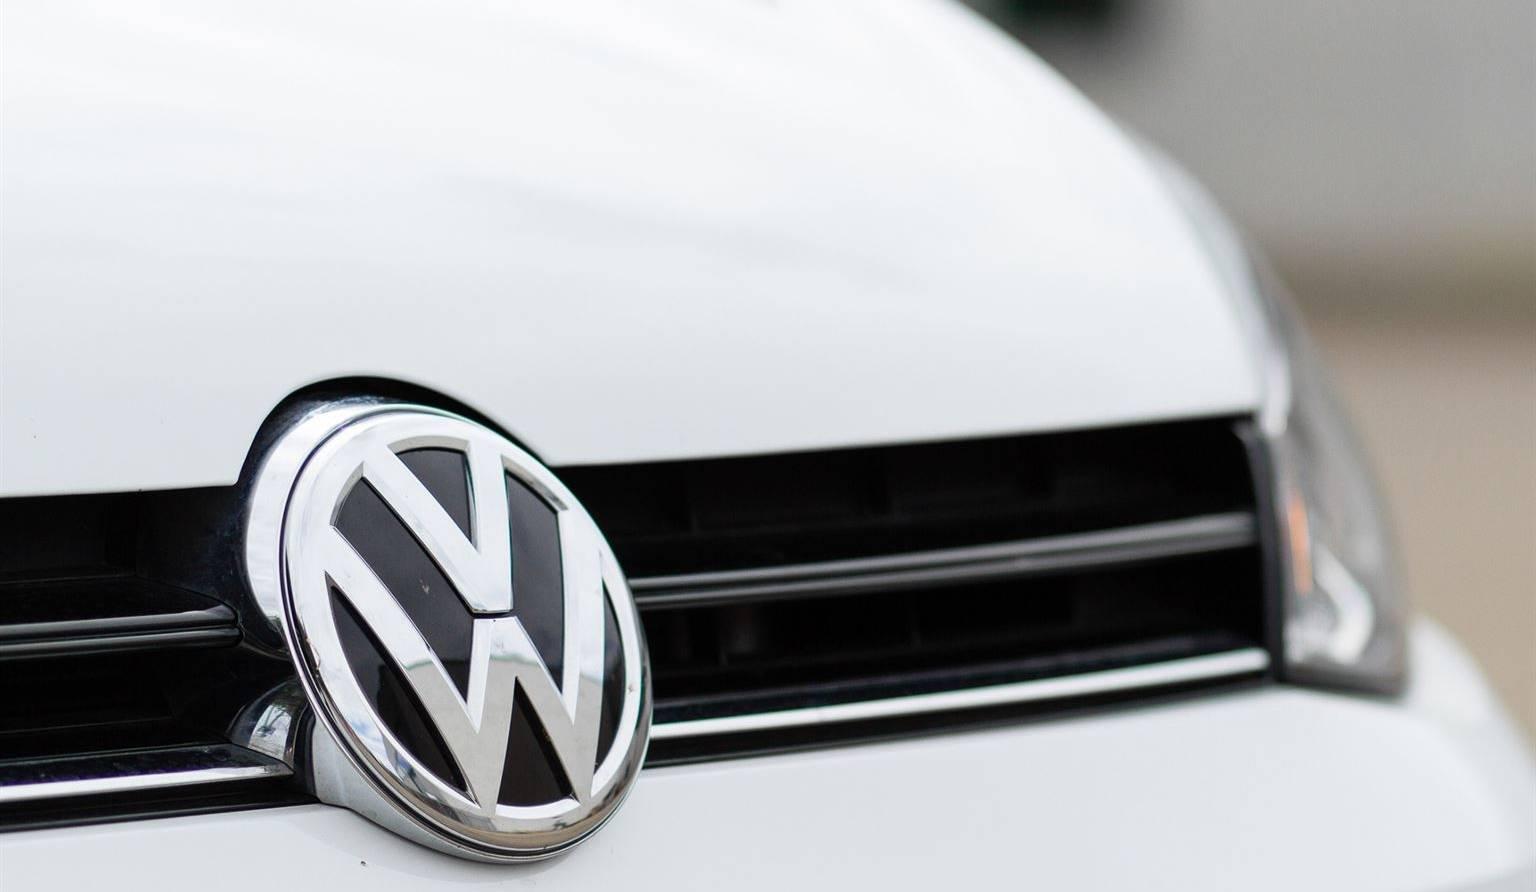 Scandale Volkswagen: le point sur les rumeurs liées aux indemnisations